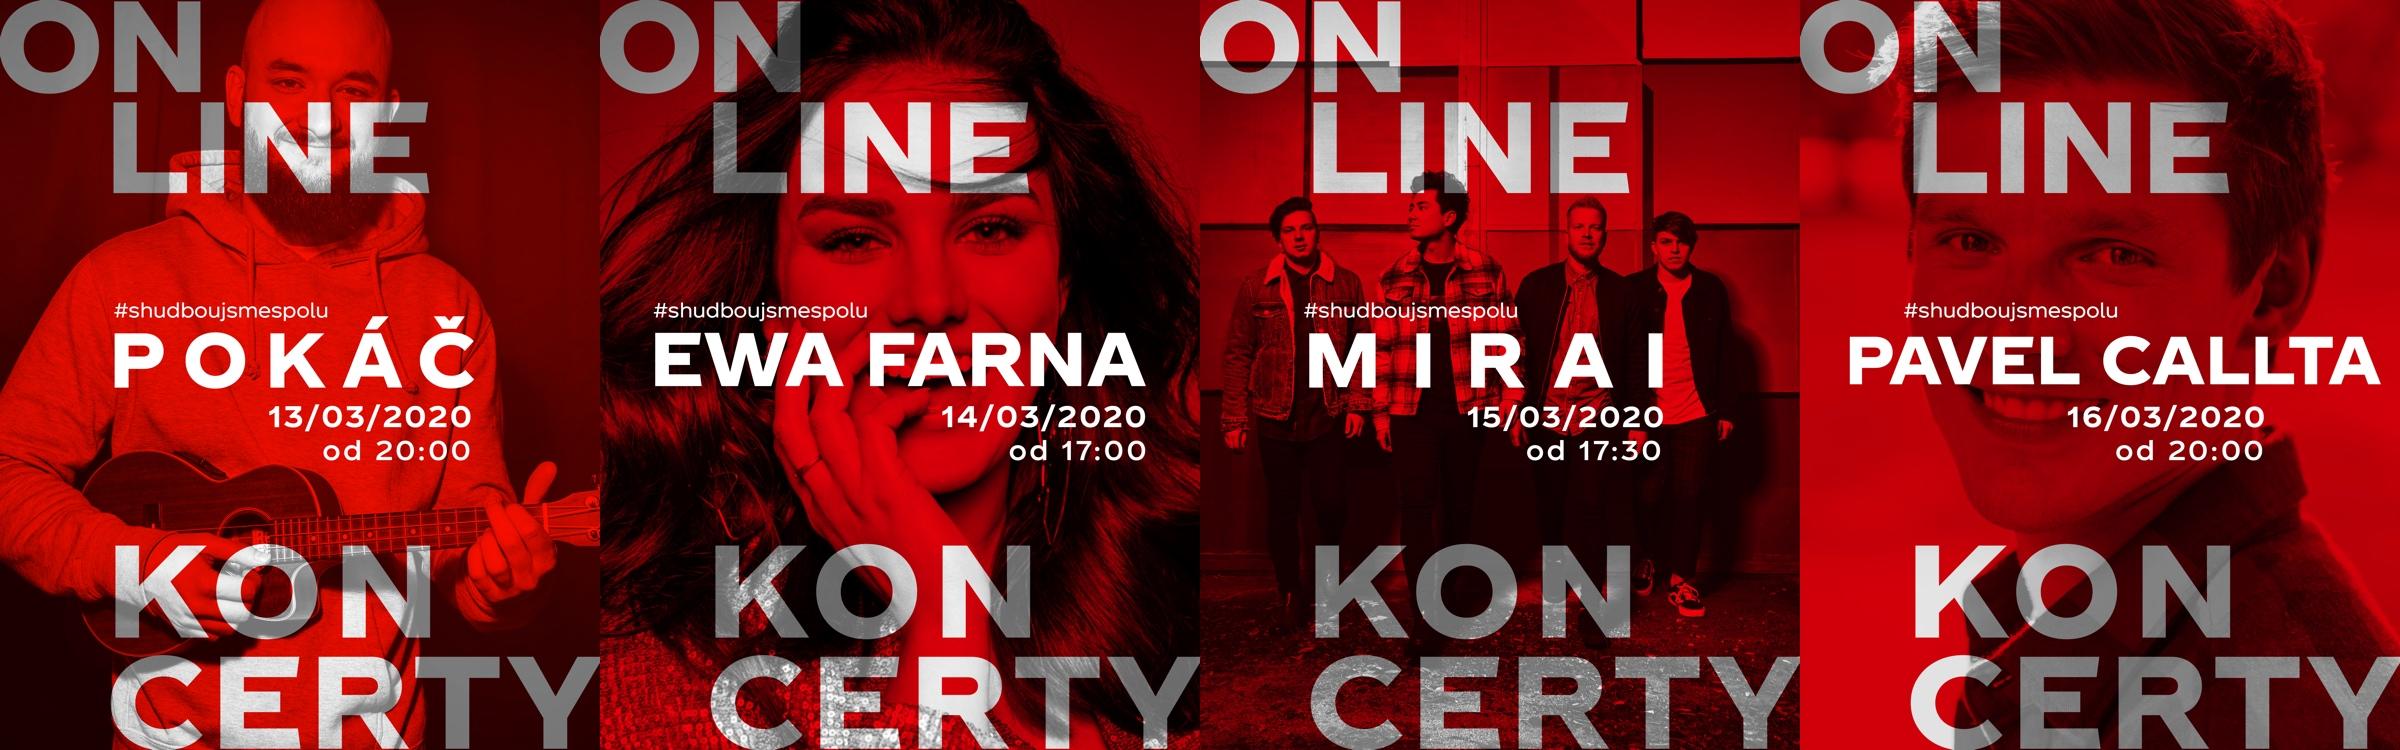 Propagační vizuály k online koncertům Coca-Coly